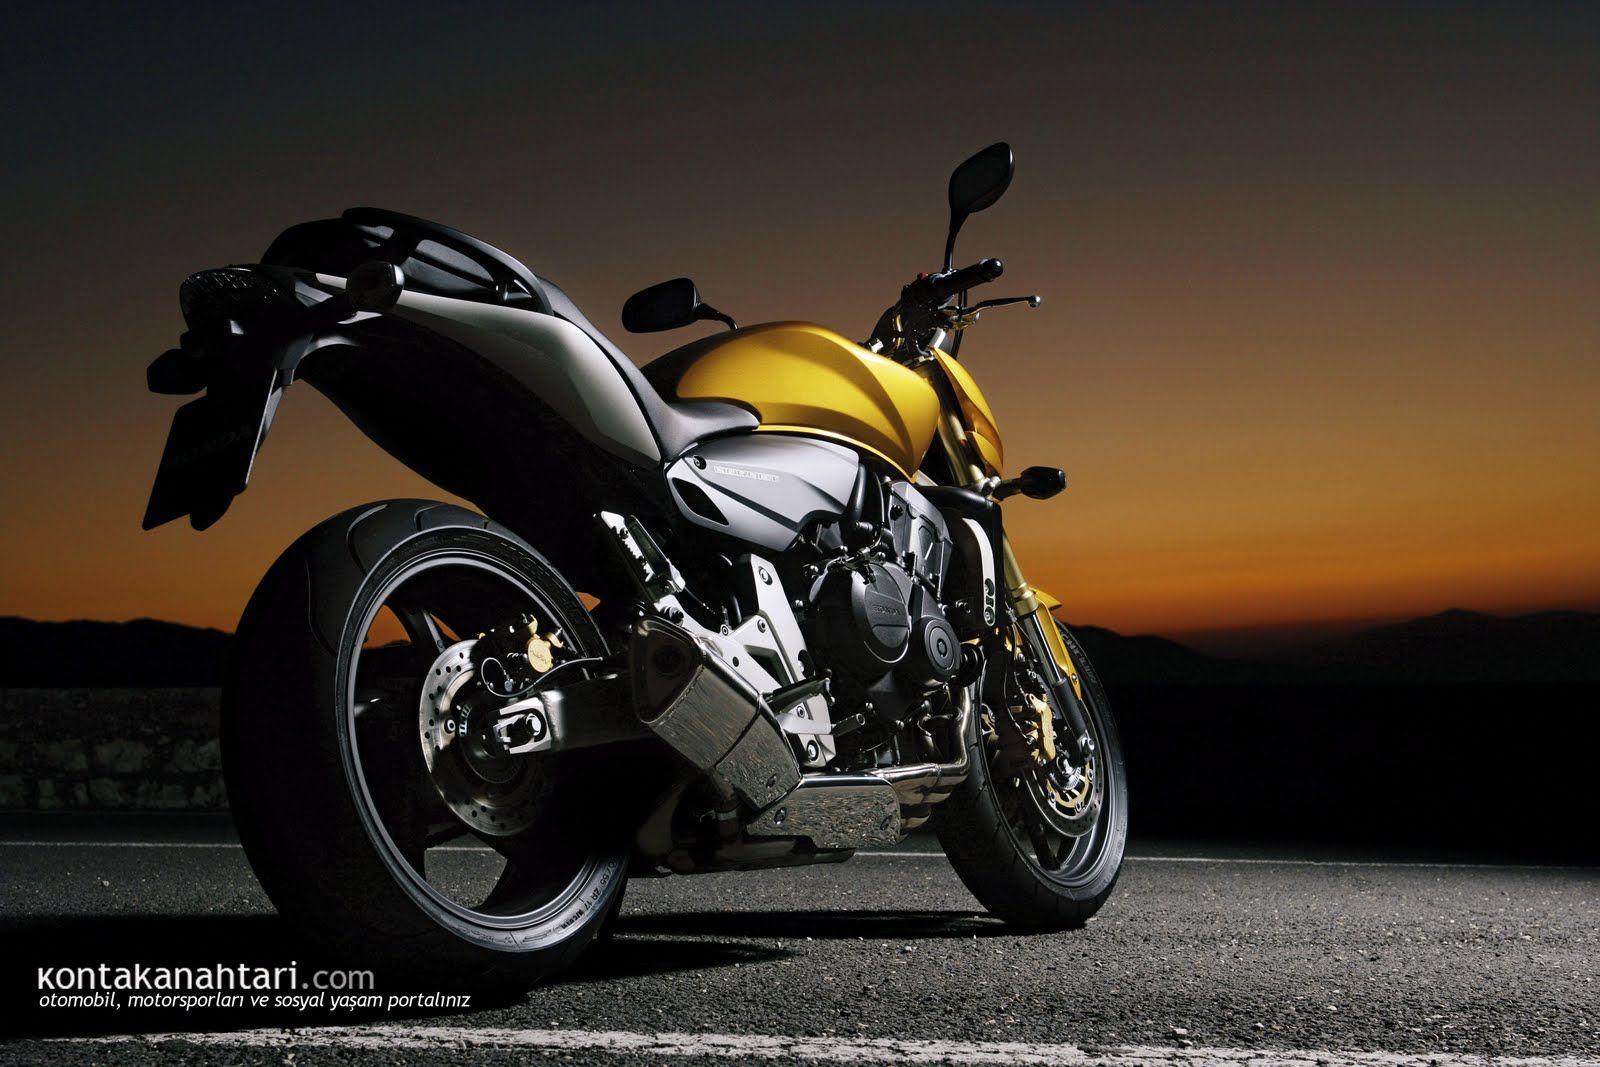 Honda CB Hornet Wallpapers